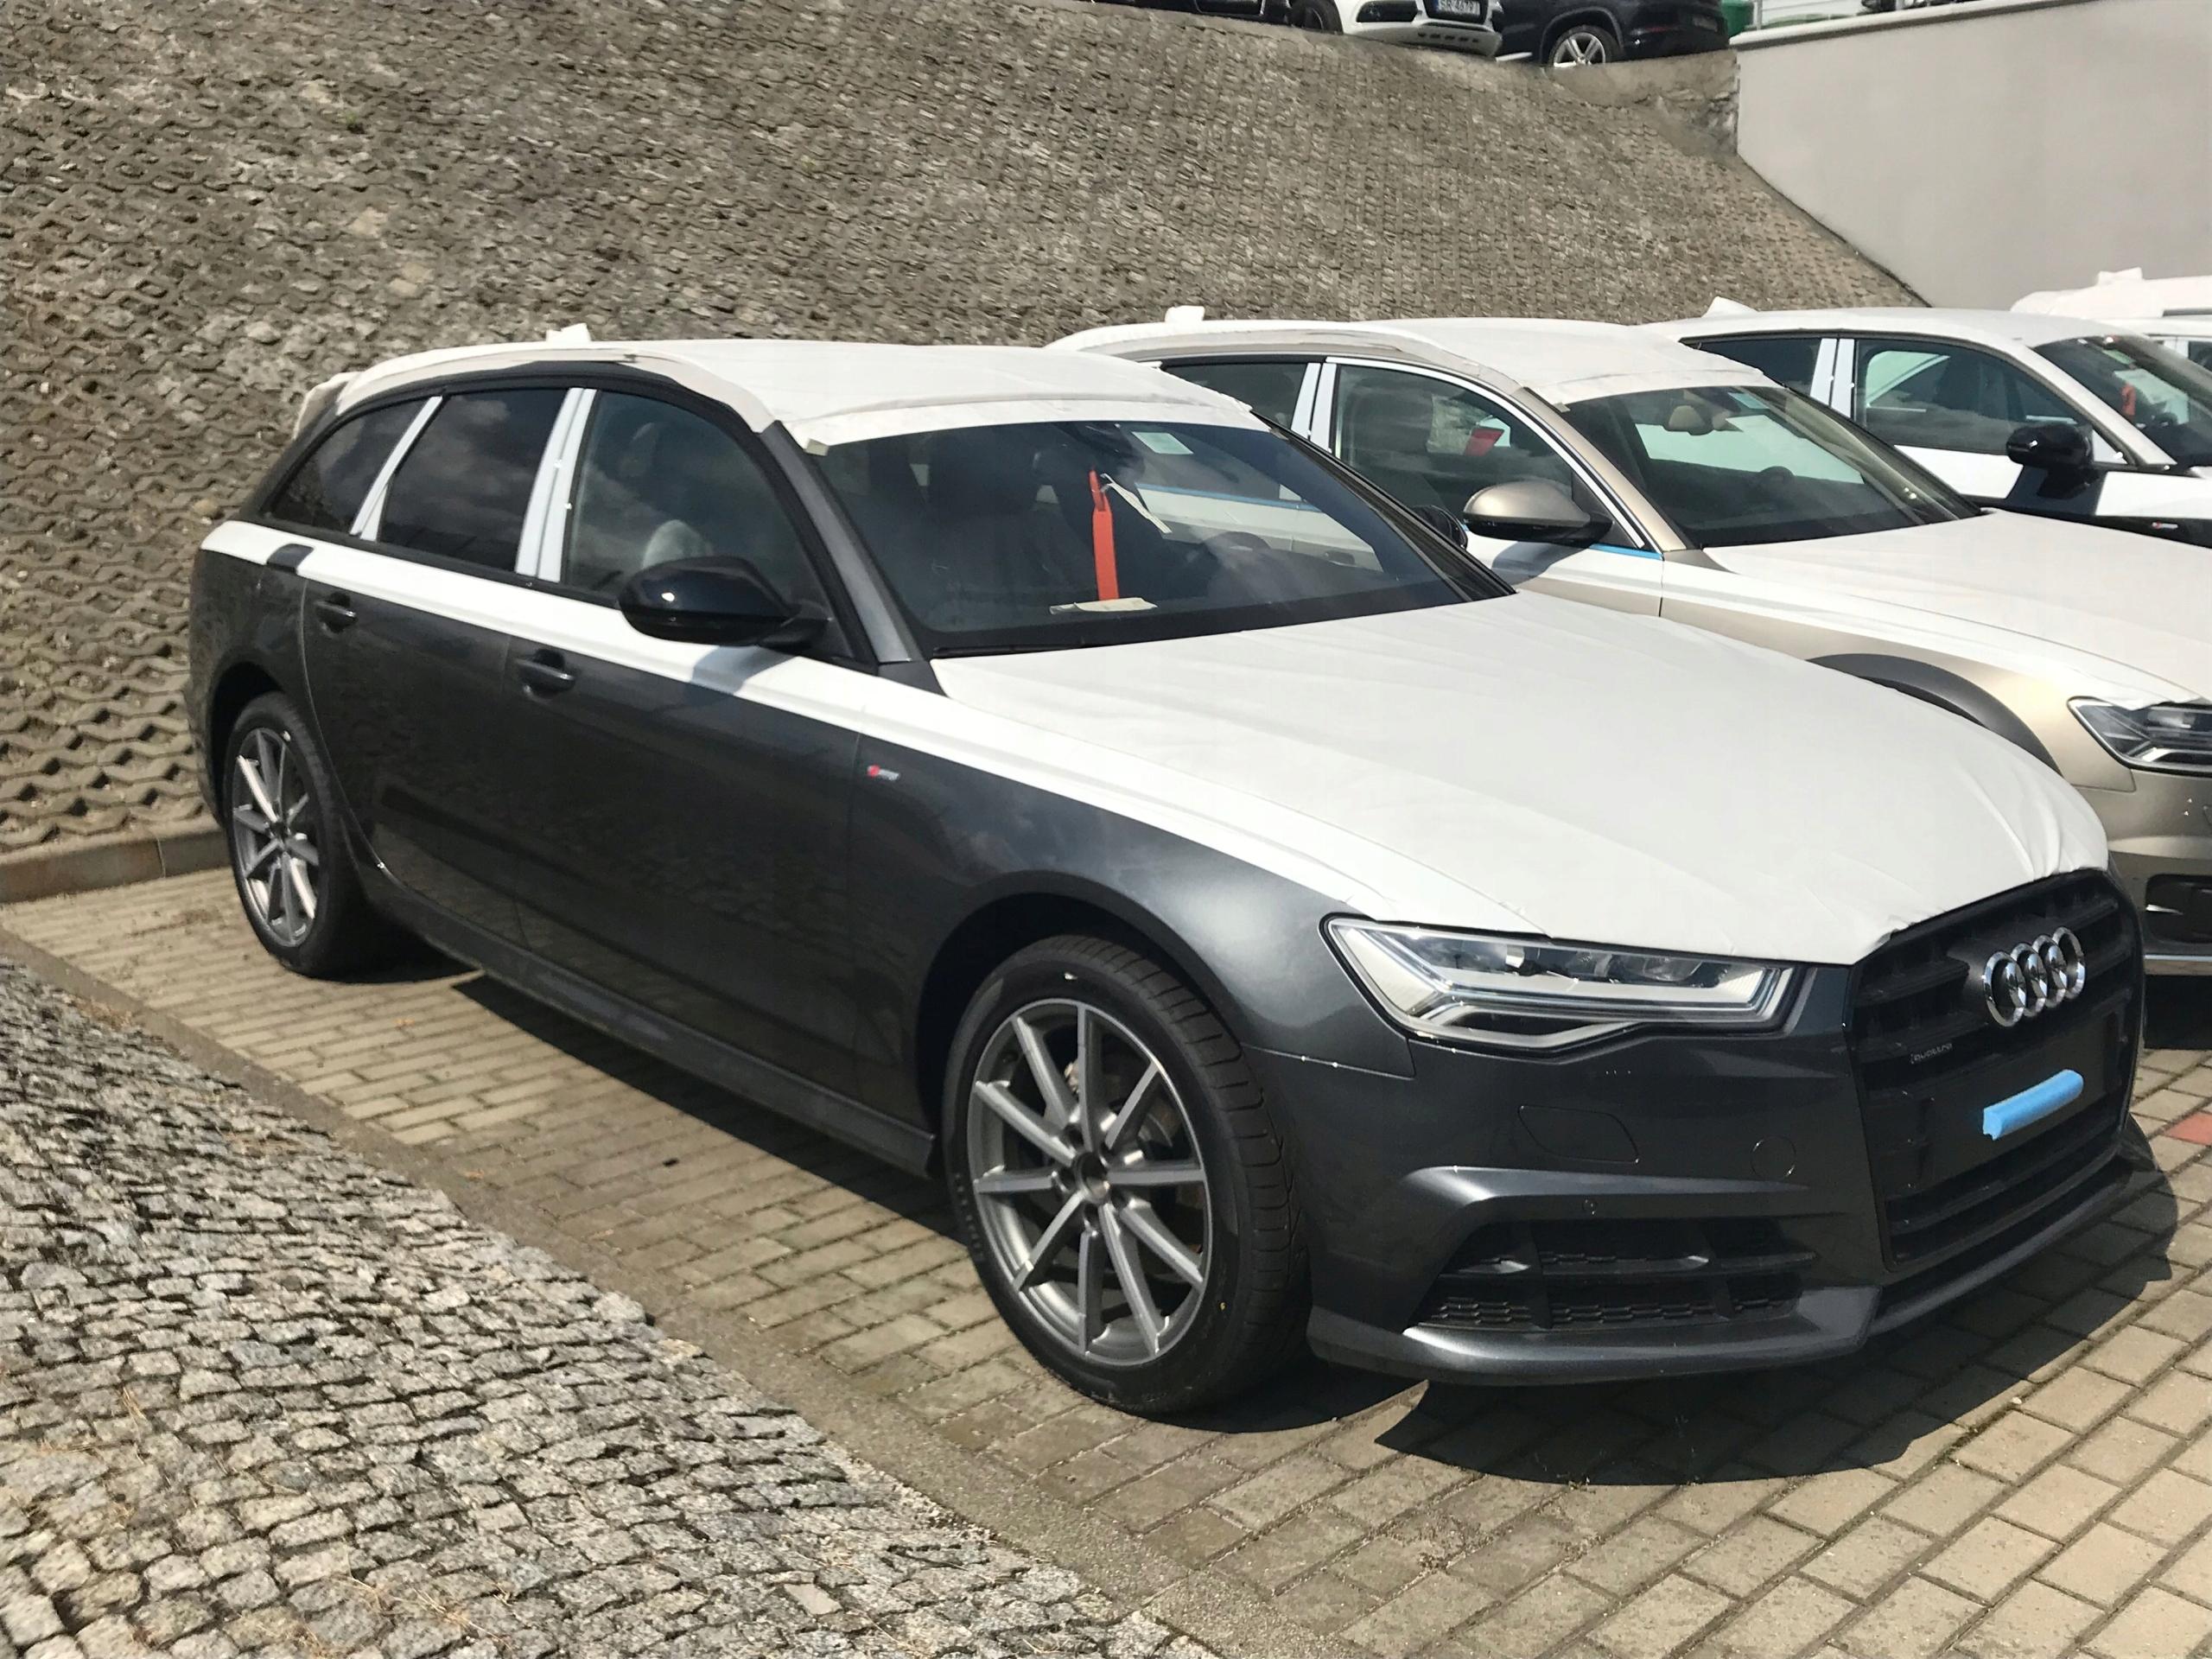 Audi A6 2018, nowe, salon polska, faktura vat 23%